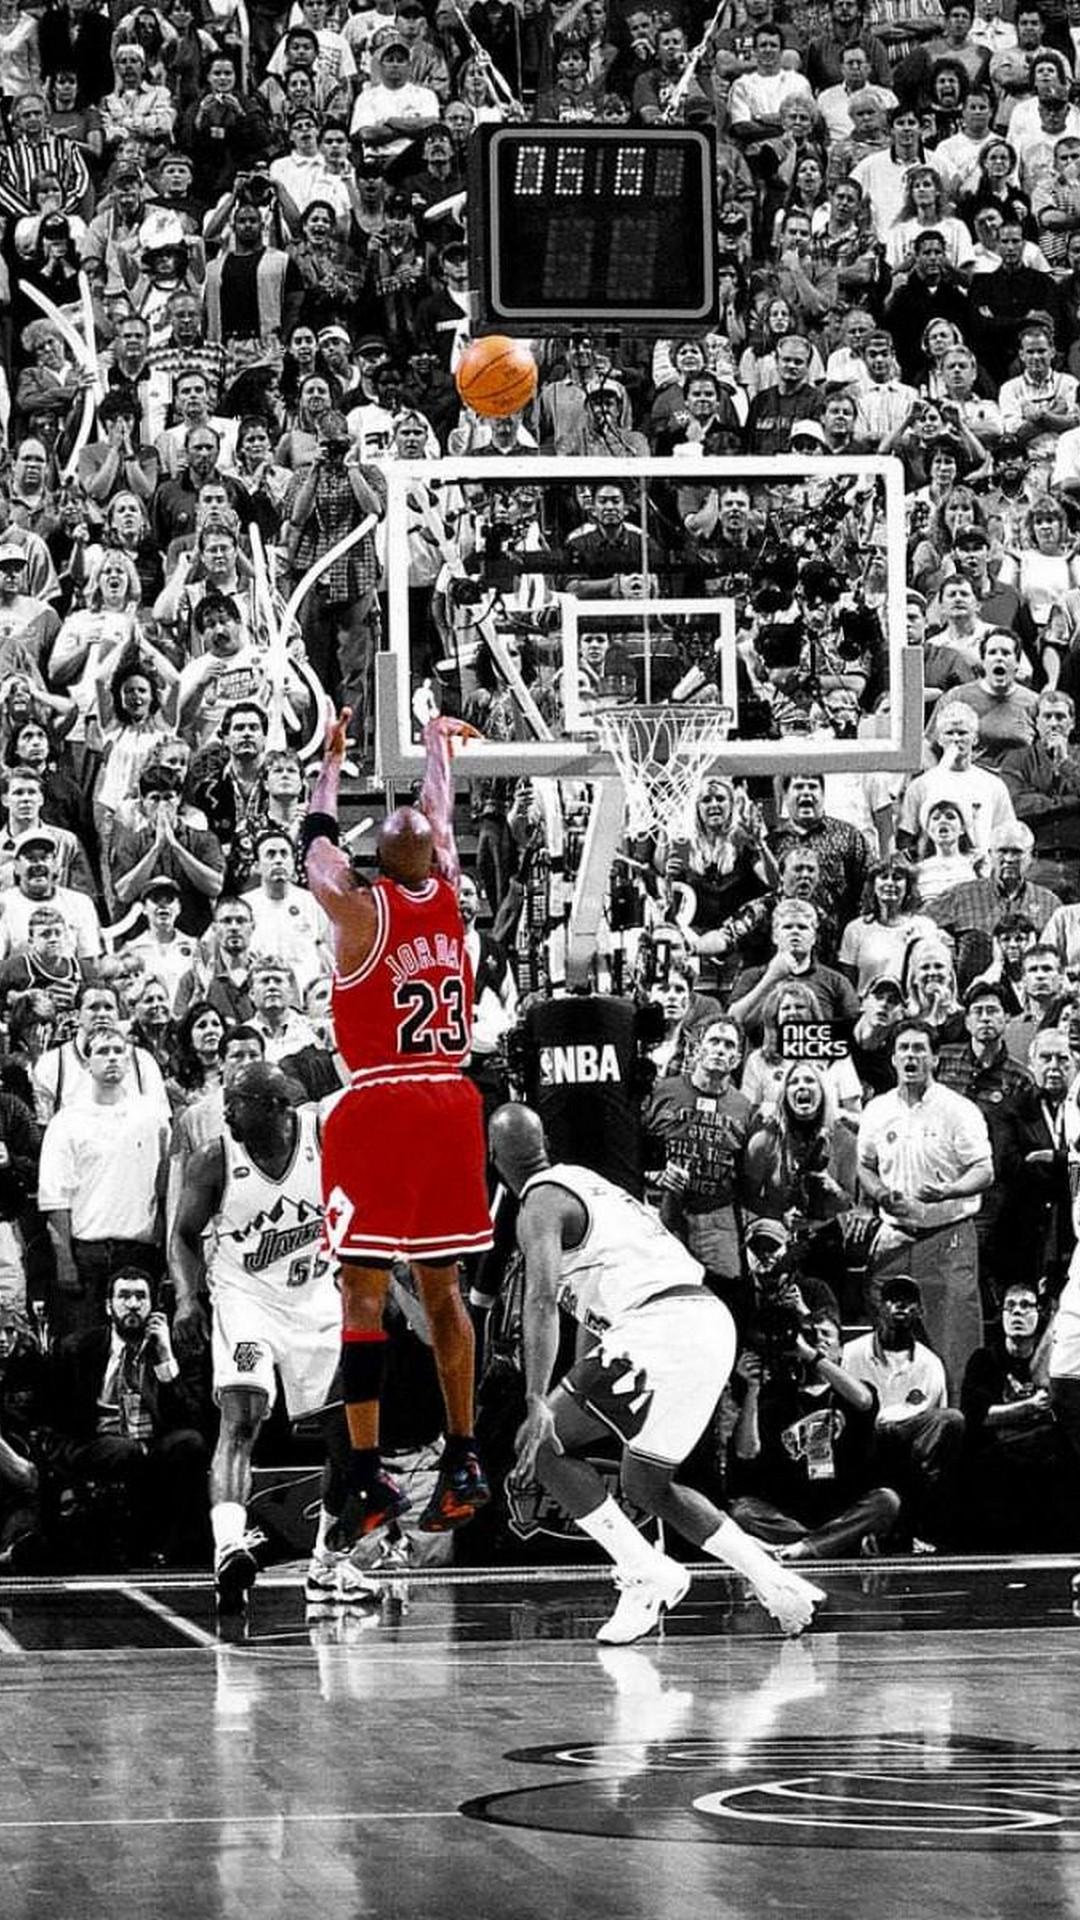 NBA iPhone 6 Wallpaper 2020 Basketball Wallpaper 1080x1920